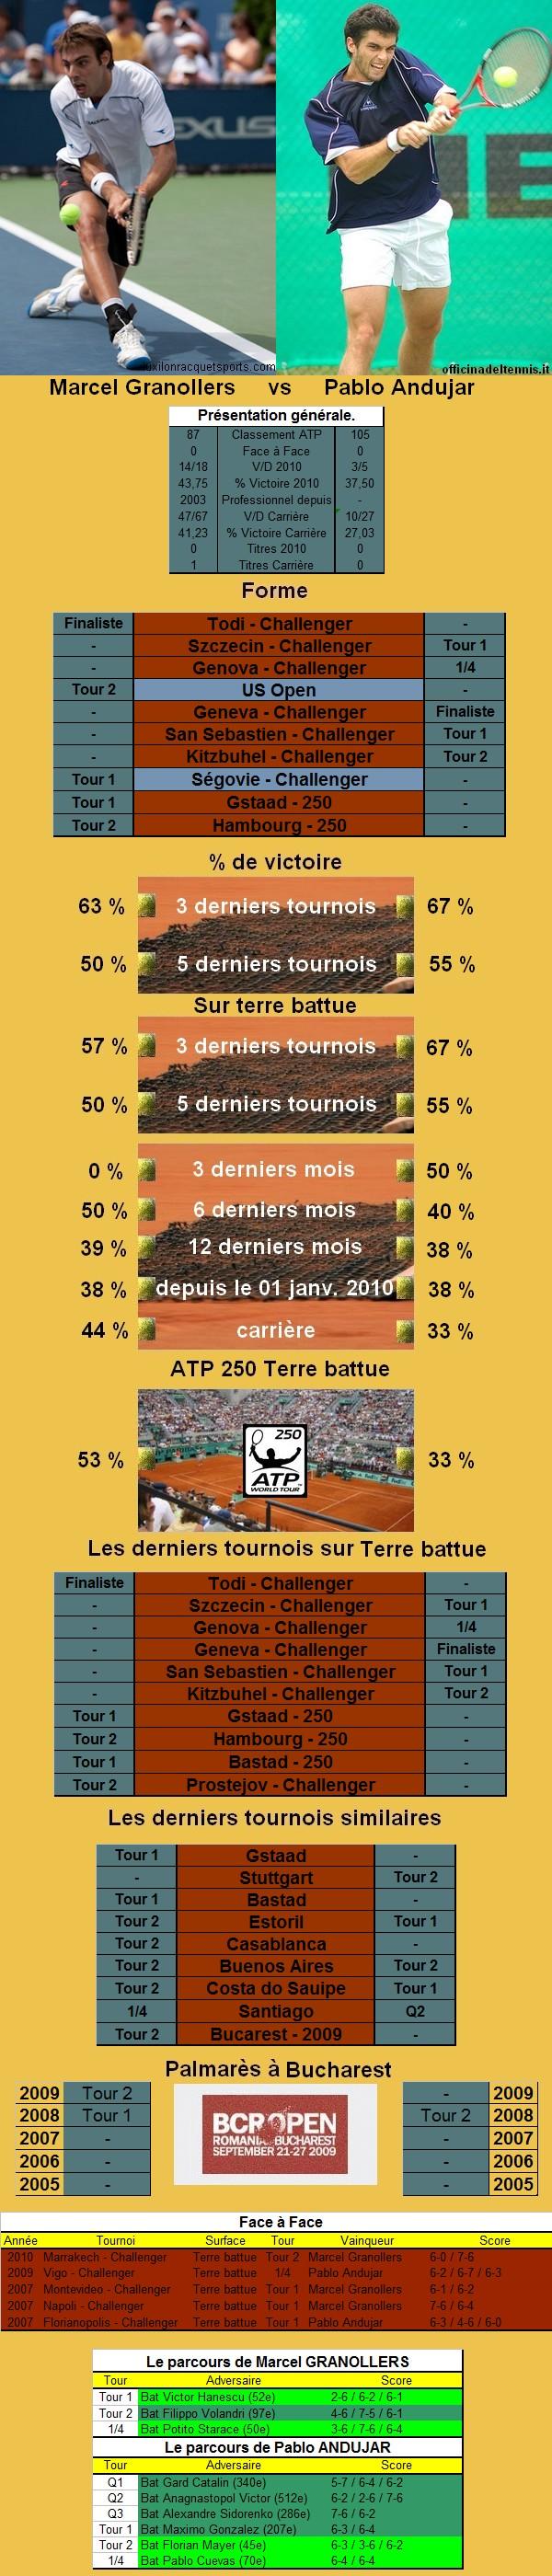 Statistiques tennis de Granollers contre Andujar à Bucarest